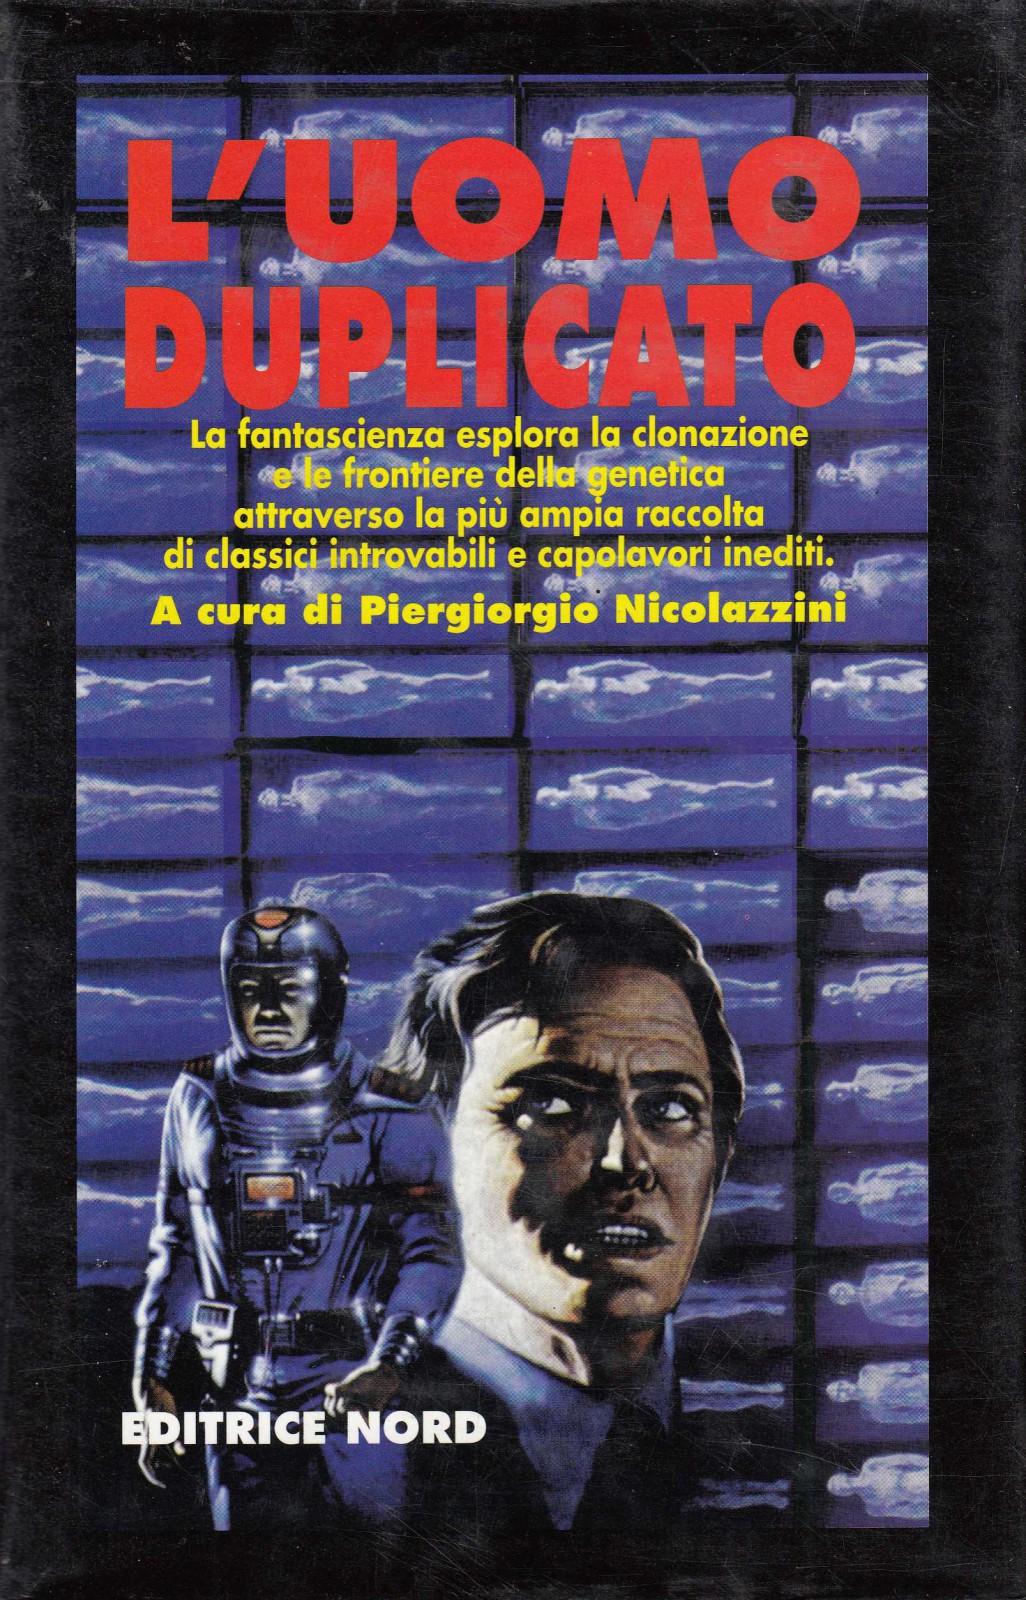 Piergiorgio Nicolazzini - L'uomo duplicato (1997)